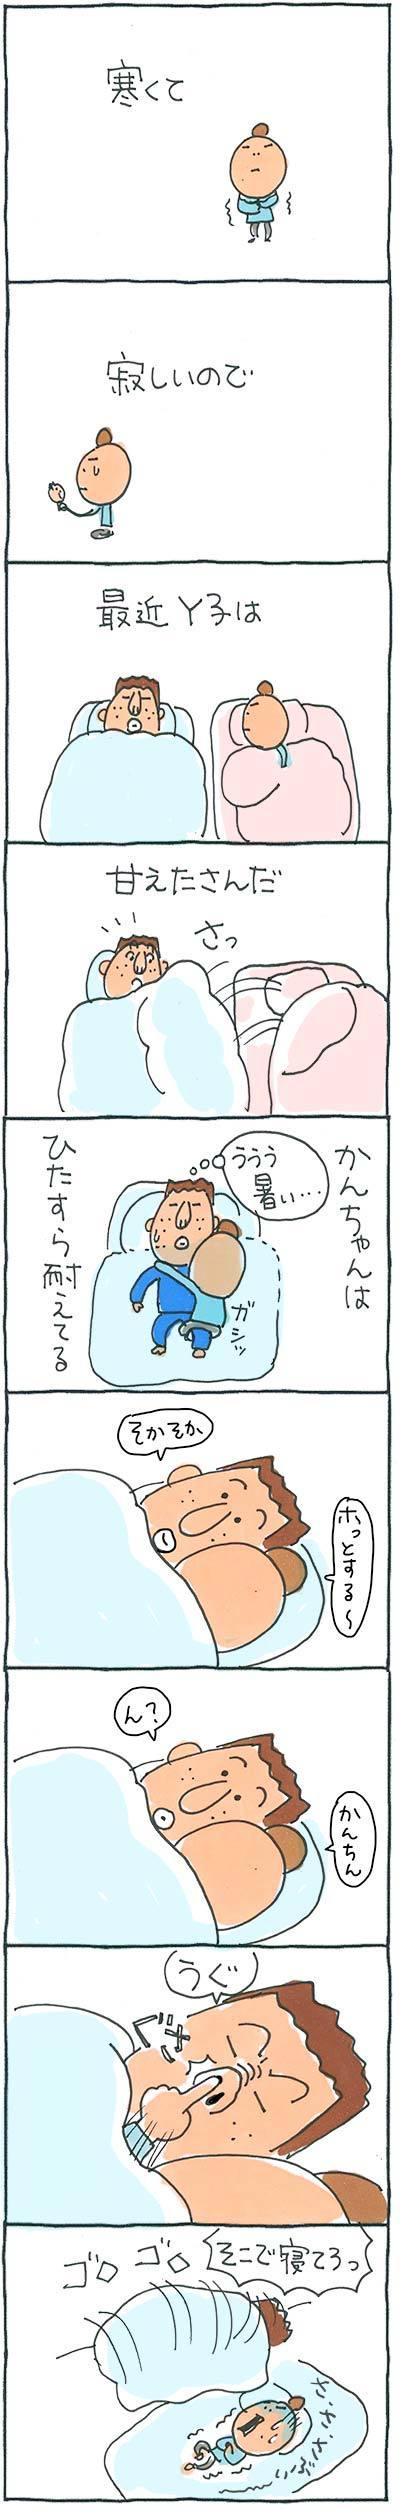 161214甘えたY